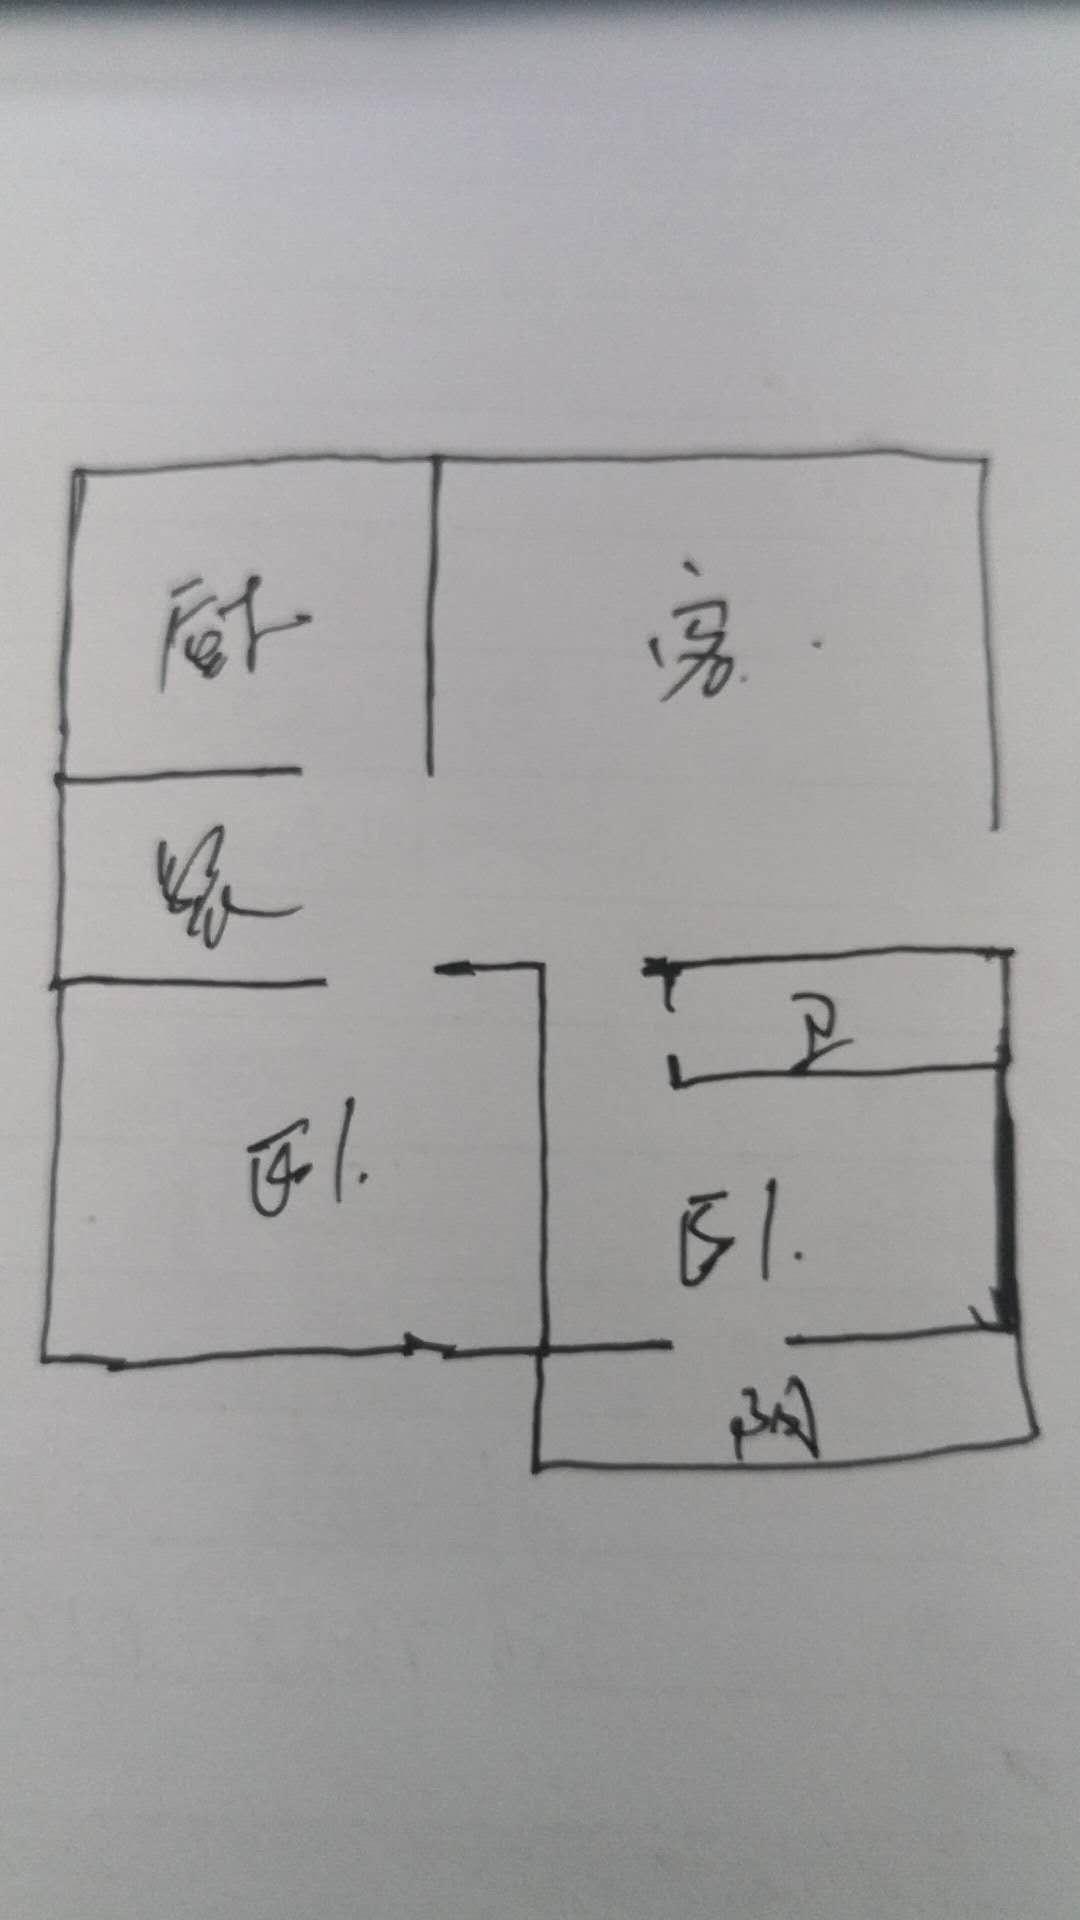 岔河紫薇园 2室1厅 4楼